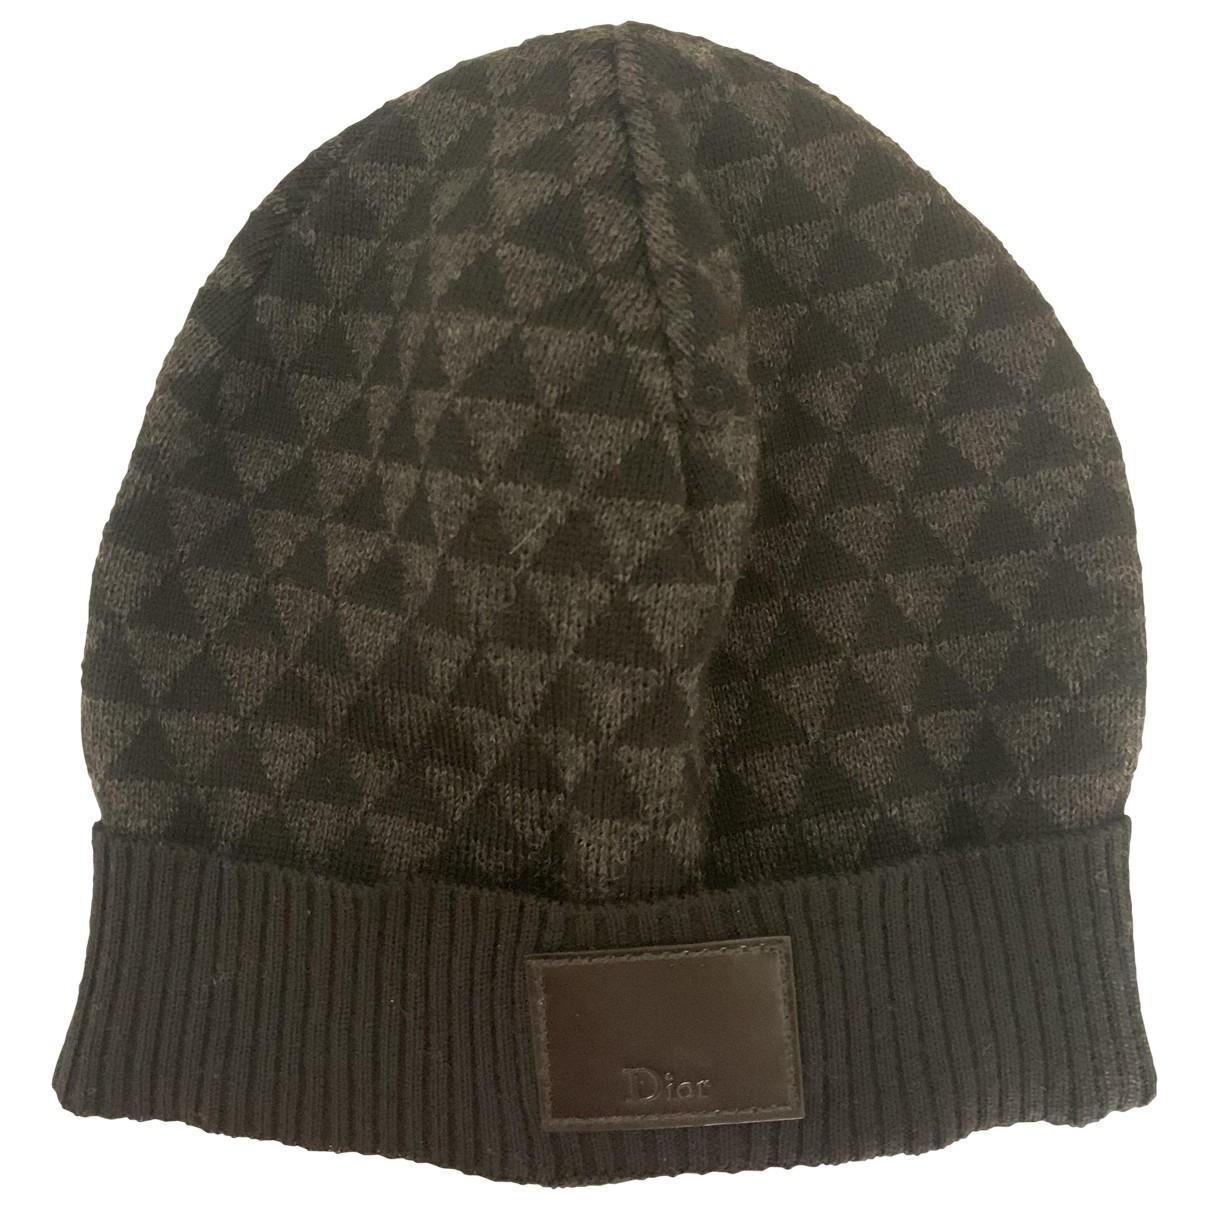 Dior Homme - Chapeau & Bonnets   pour homme en laine - anthracite